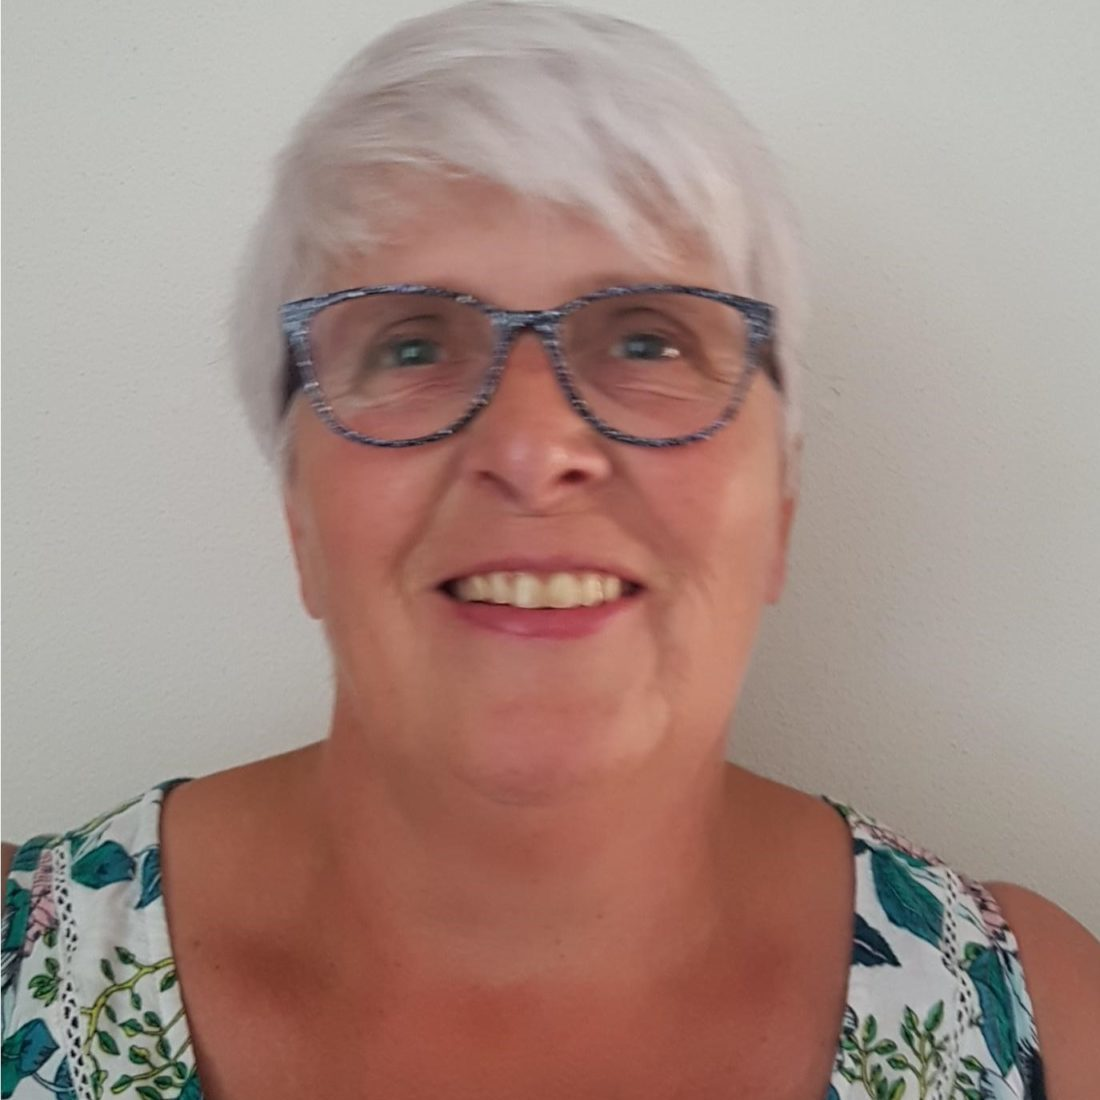 Woonzorgcoördinator Marianne Langerwerf